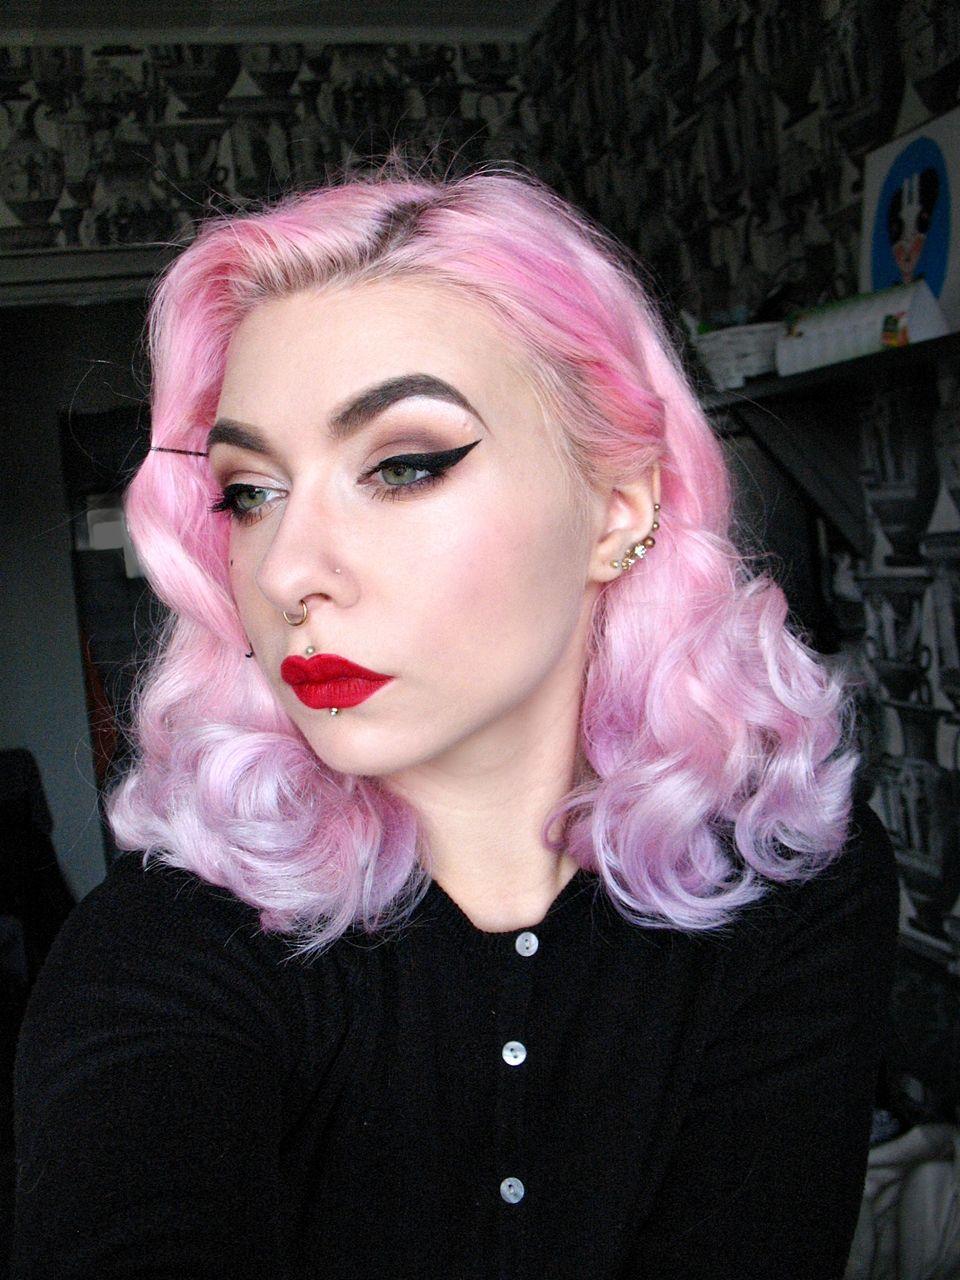 Langes blondes Haar auf herrlicher tschechischer MILF